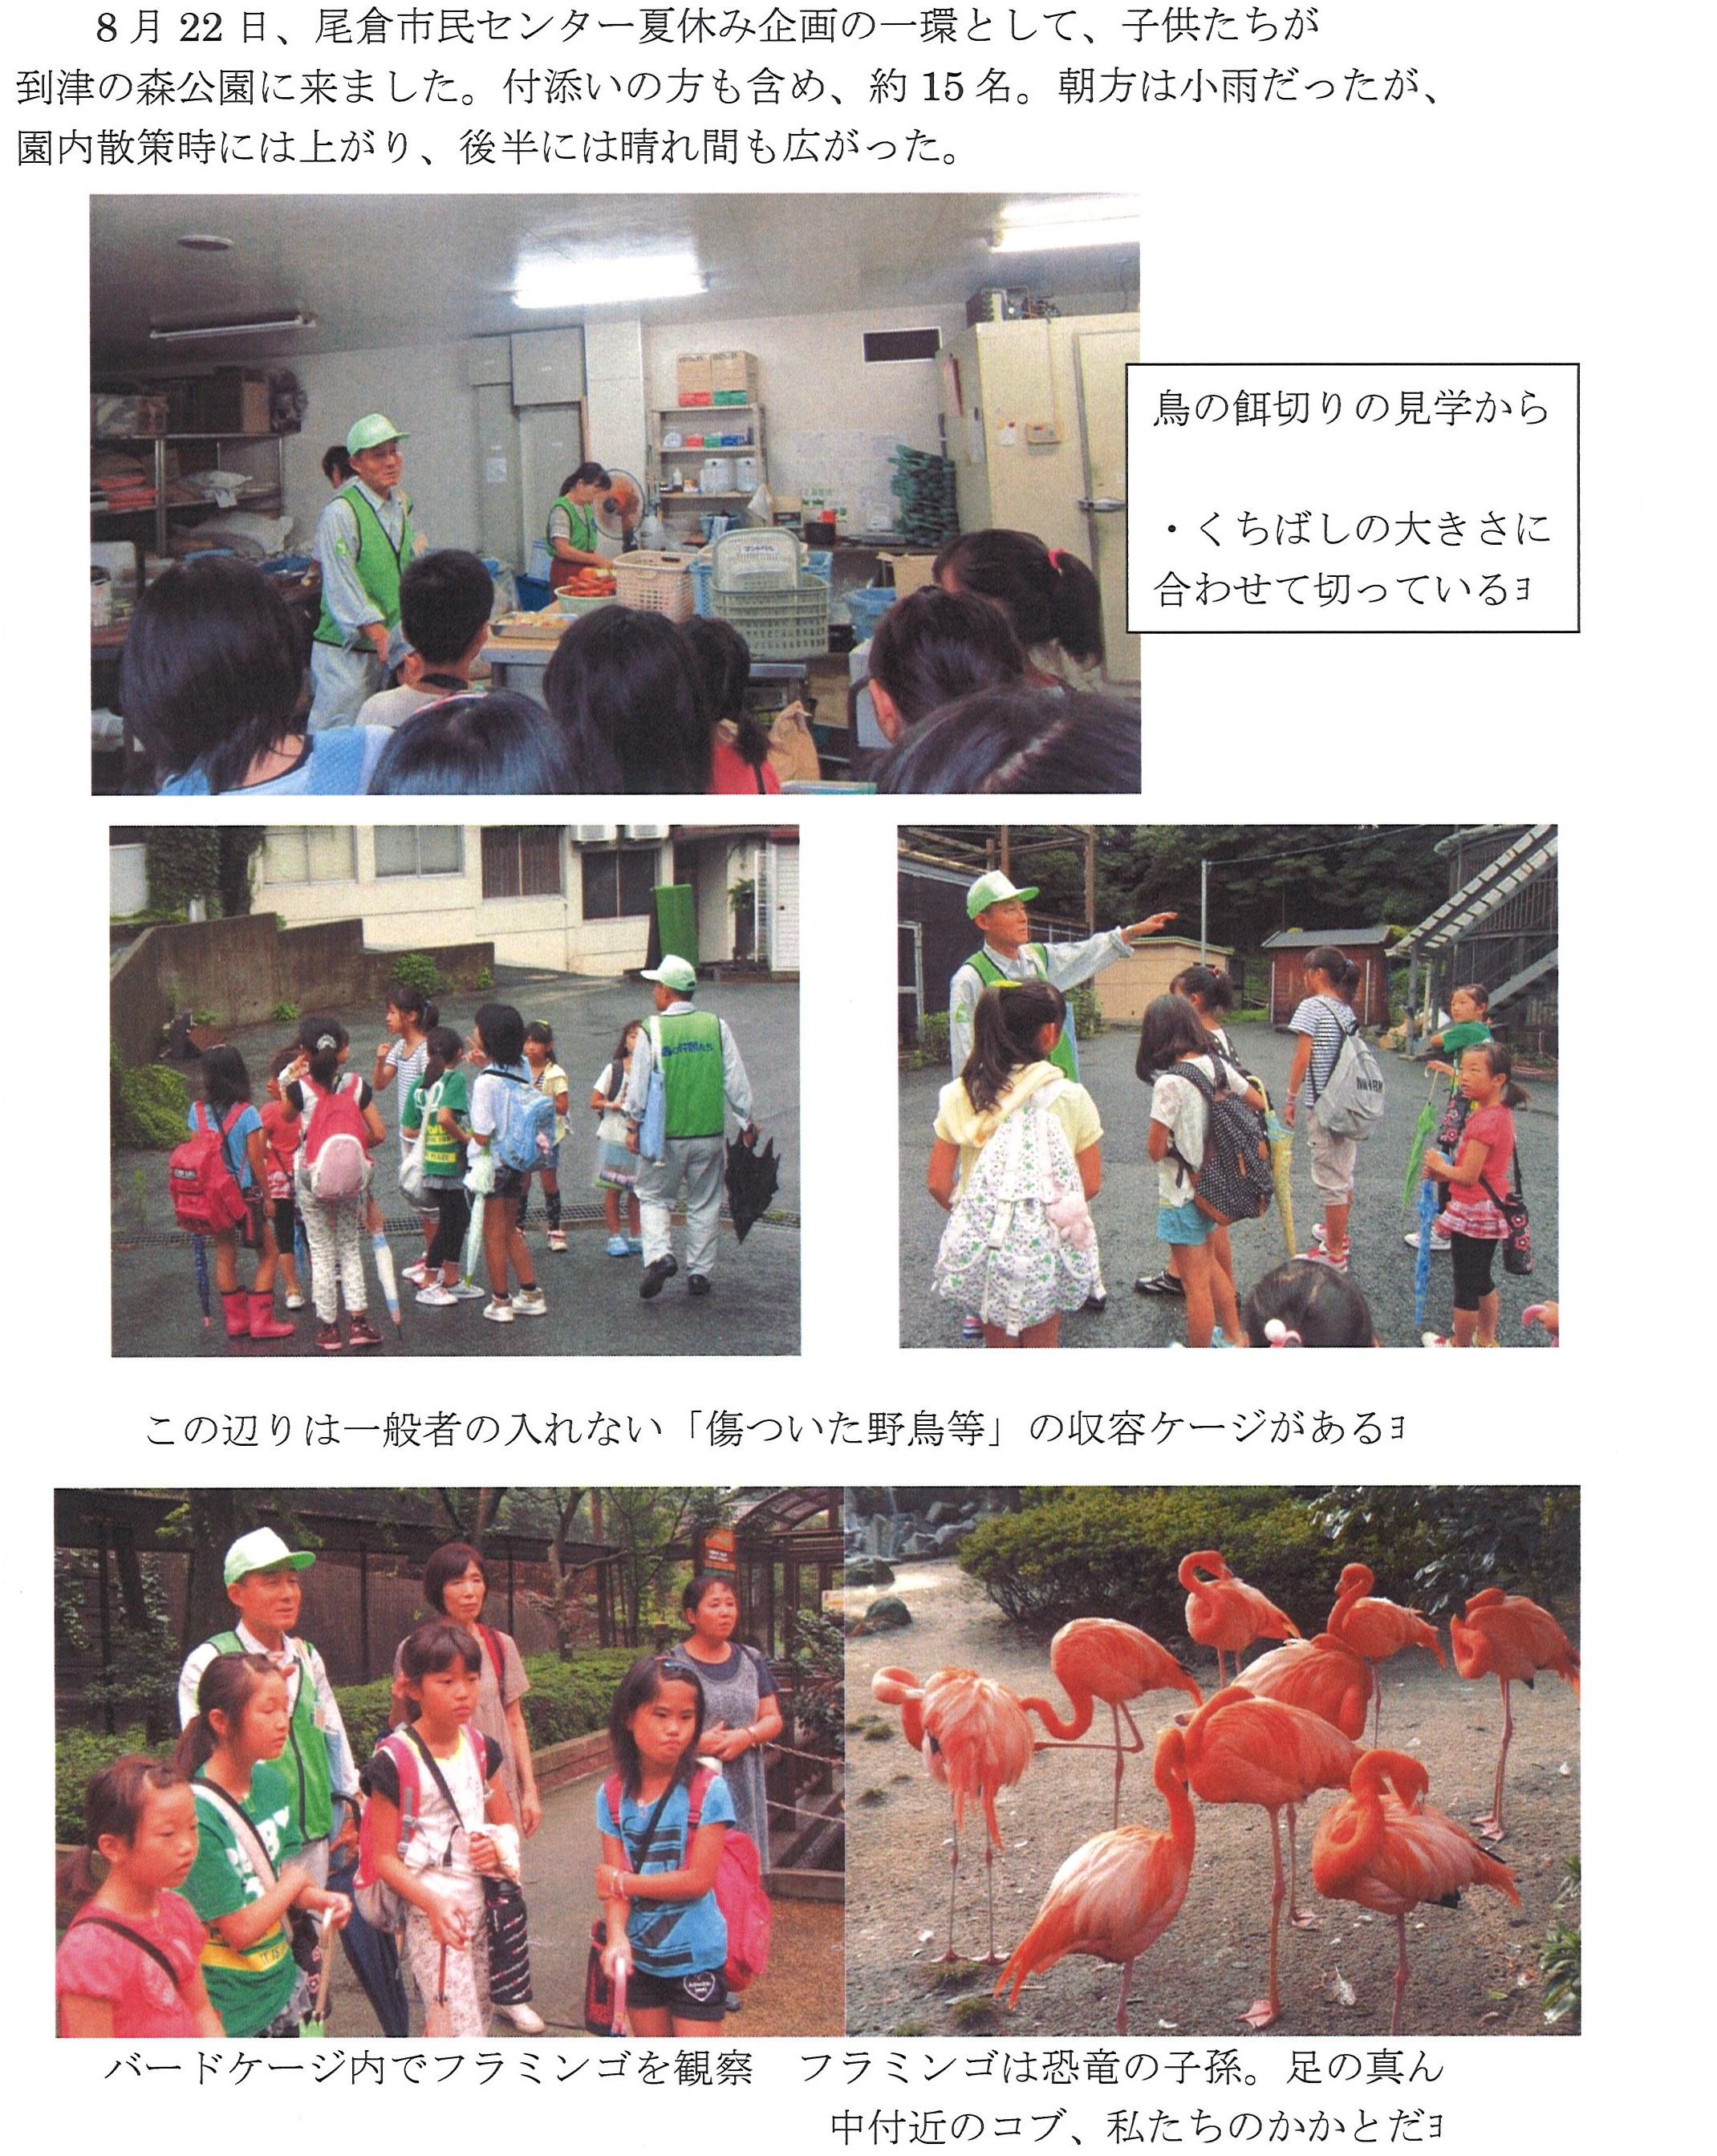 20140910_森の仲間たち_2.jpg